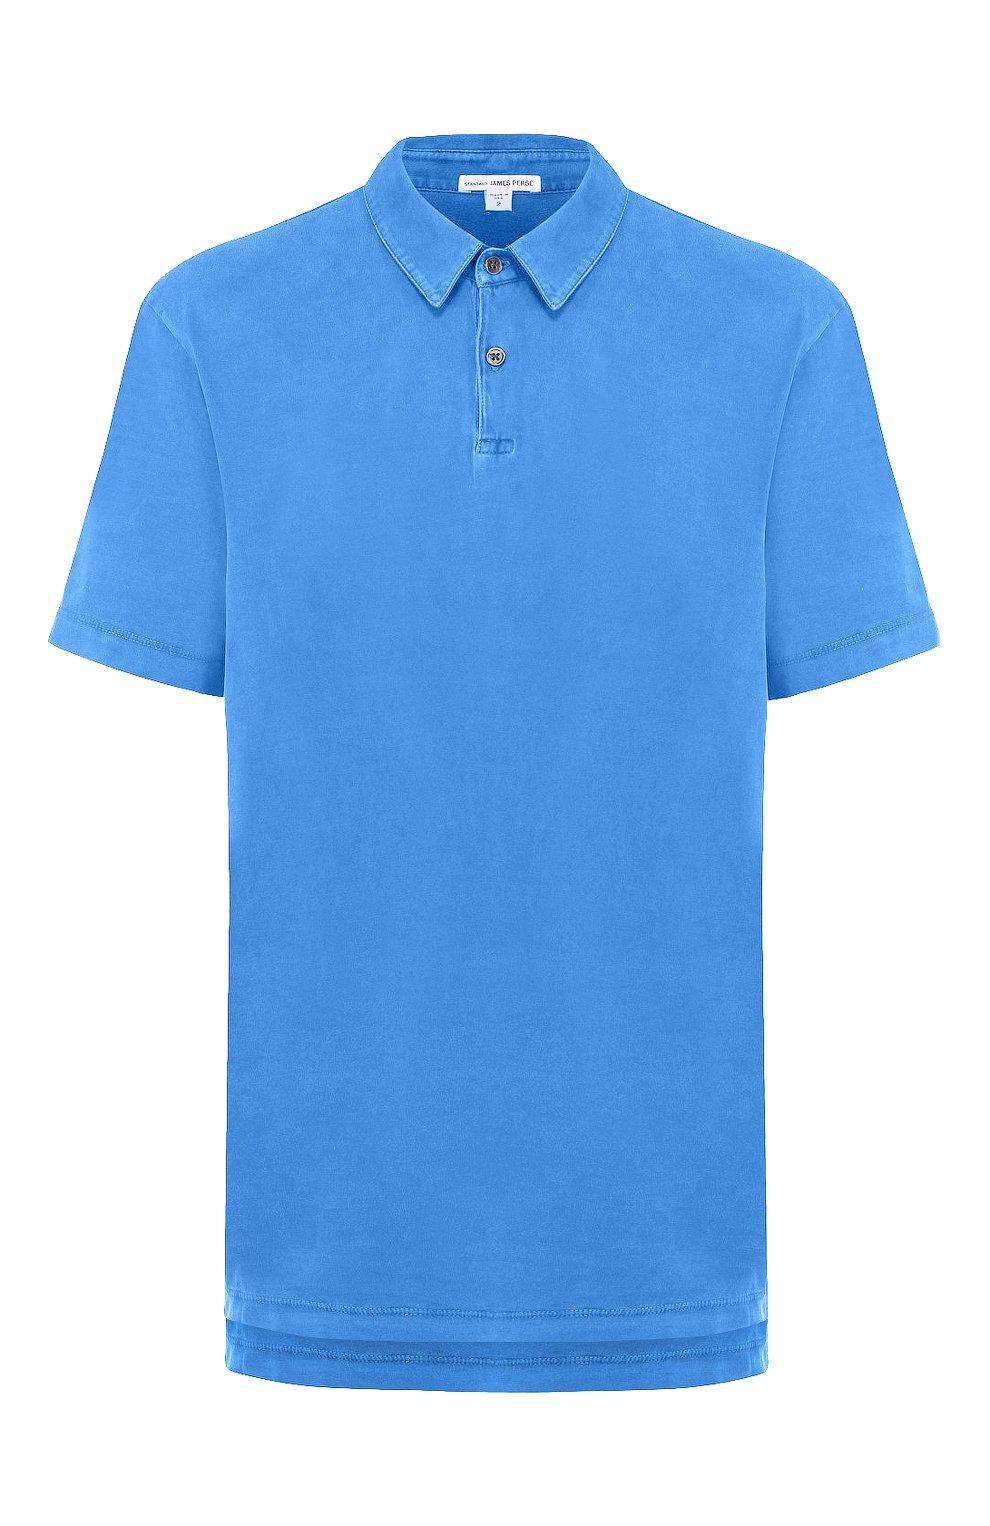 Мужское хлопковое поло JAMES PERSE синего цвета, арт. MSX3337   Фото 1 (Застежка: Пуговицы; Рукава: Короткие; Длина (для топов): Удлиненные; Материал внешний: Хлопок)